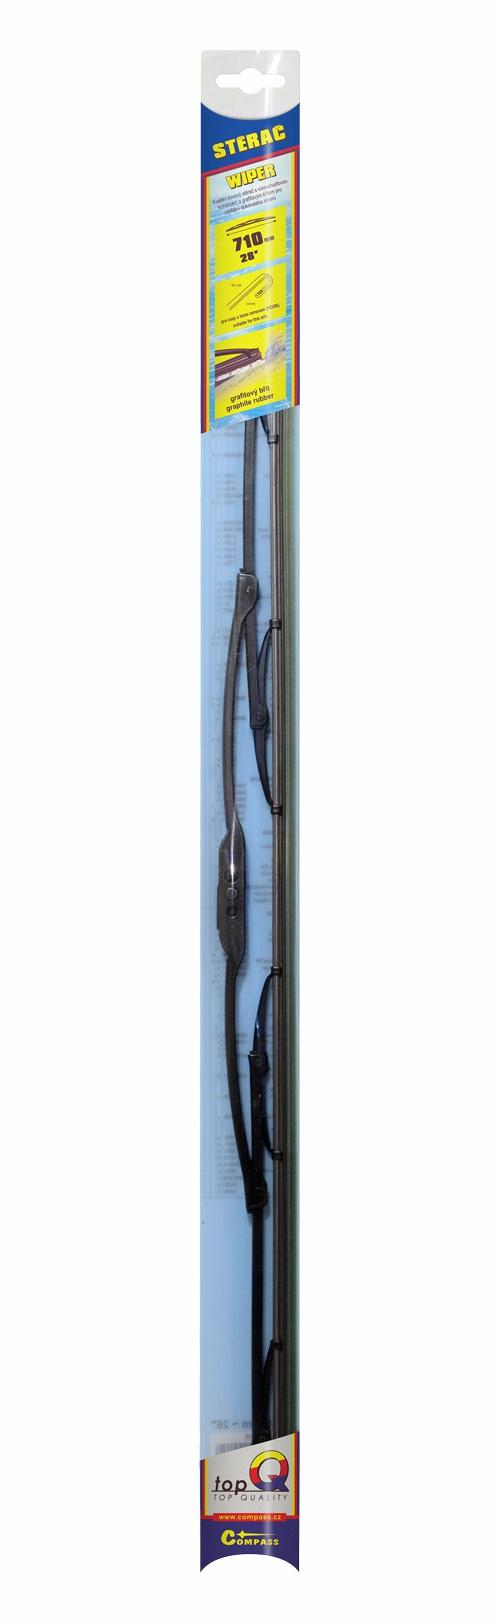 Stěrač kovový TOPQ  710 mm GRAFIT